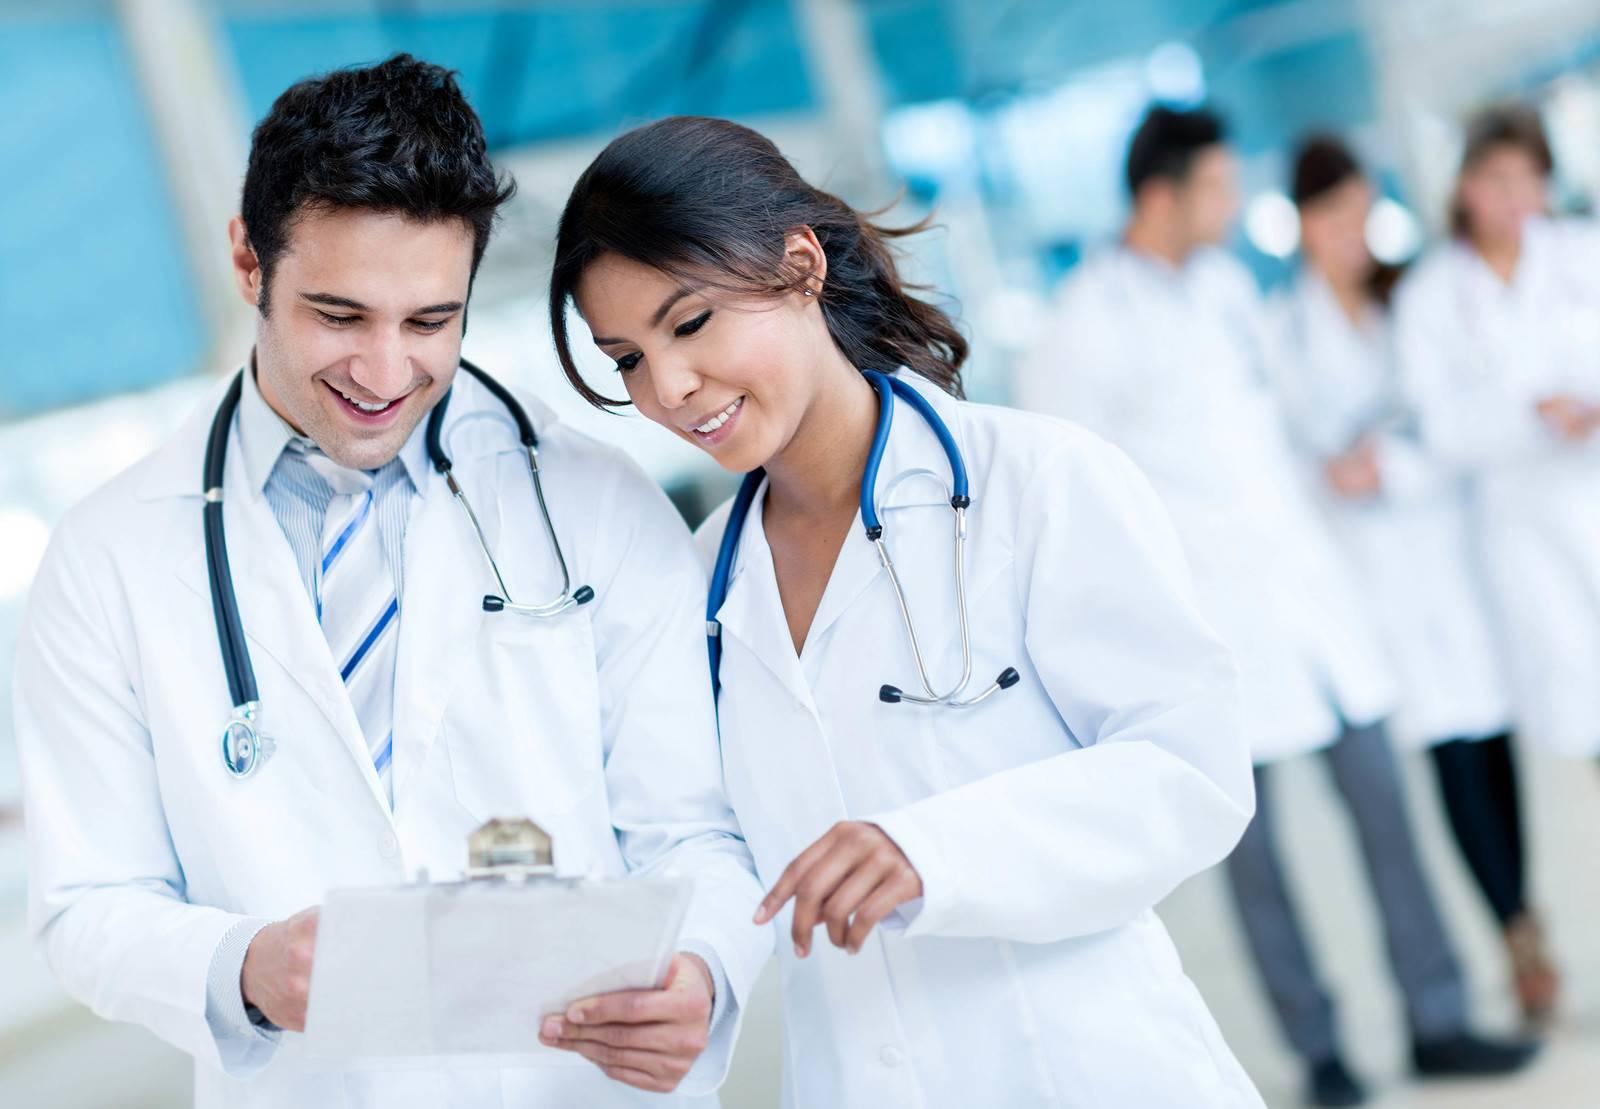 medicos a validar processo